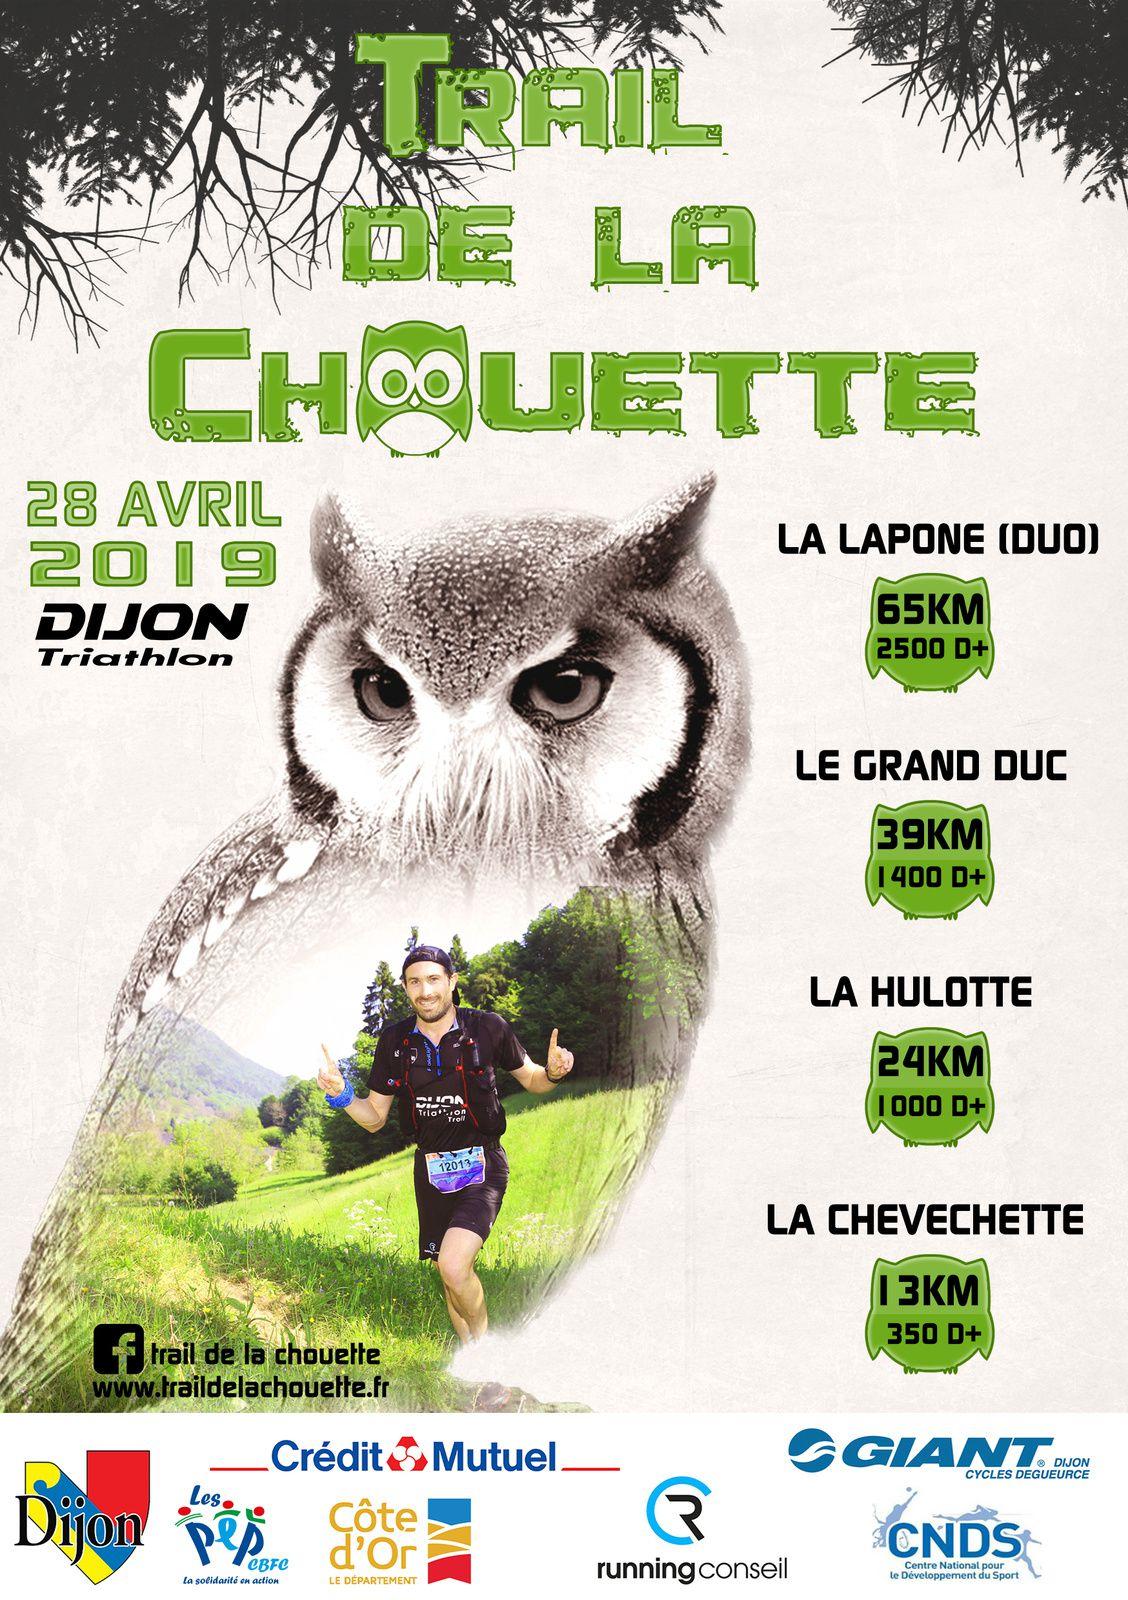 Dimanche 28 avril 2019 - Trail de la Chouette - Dijon